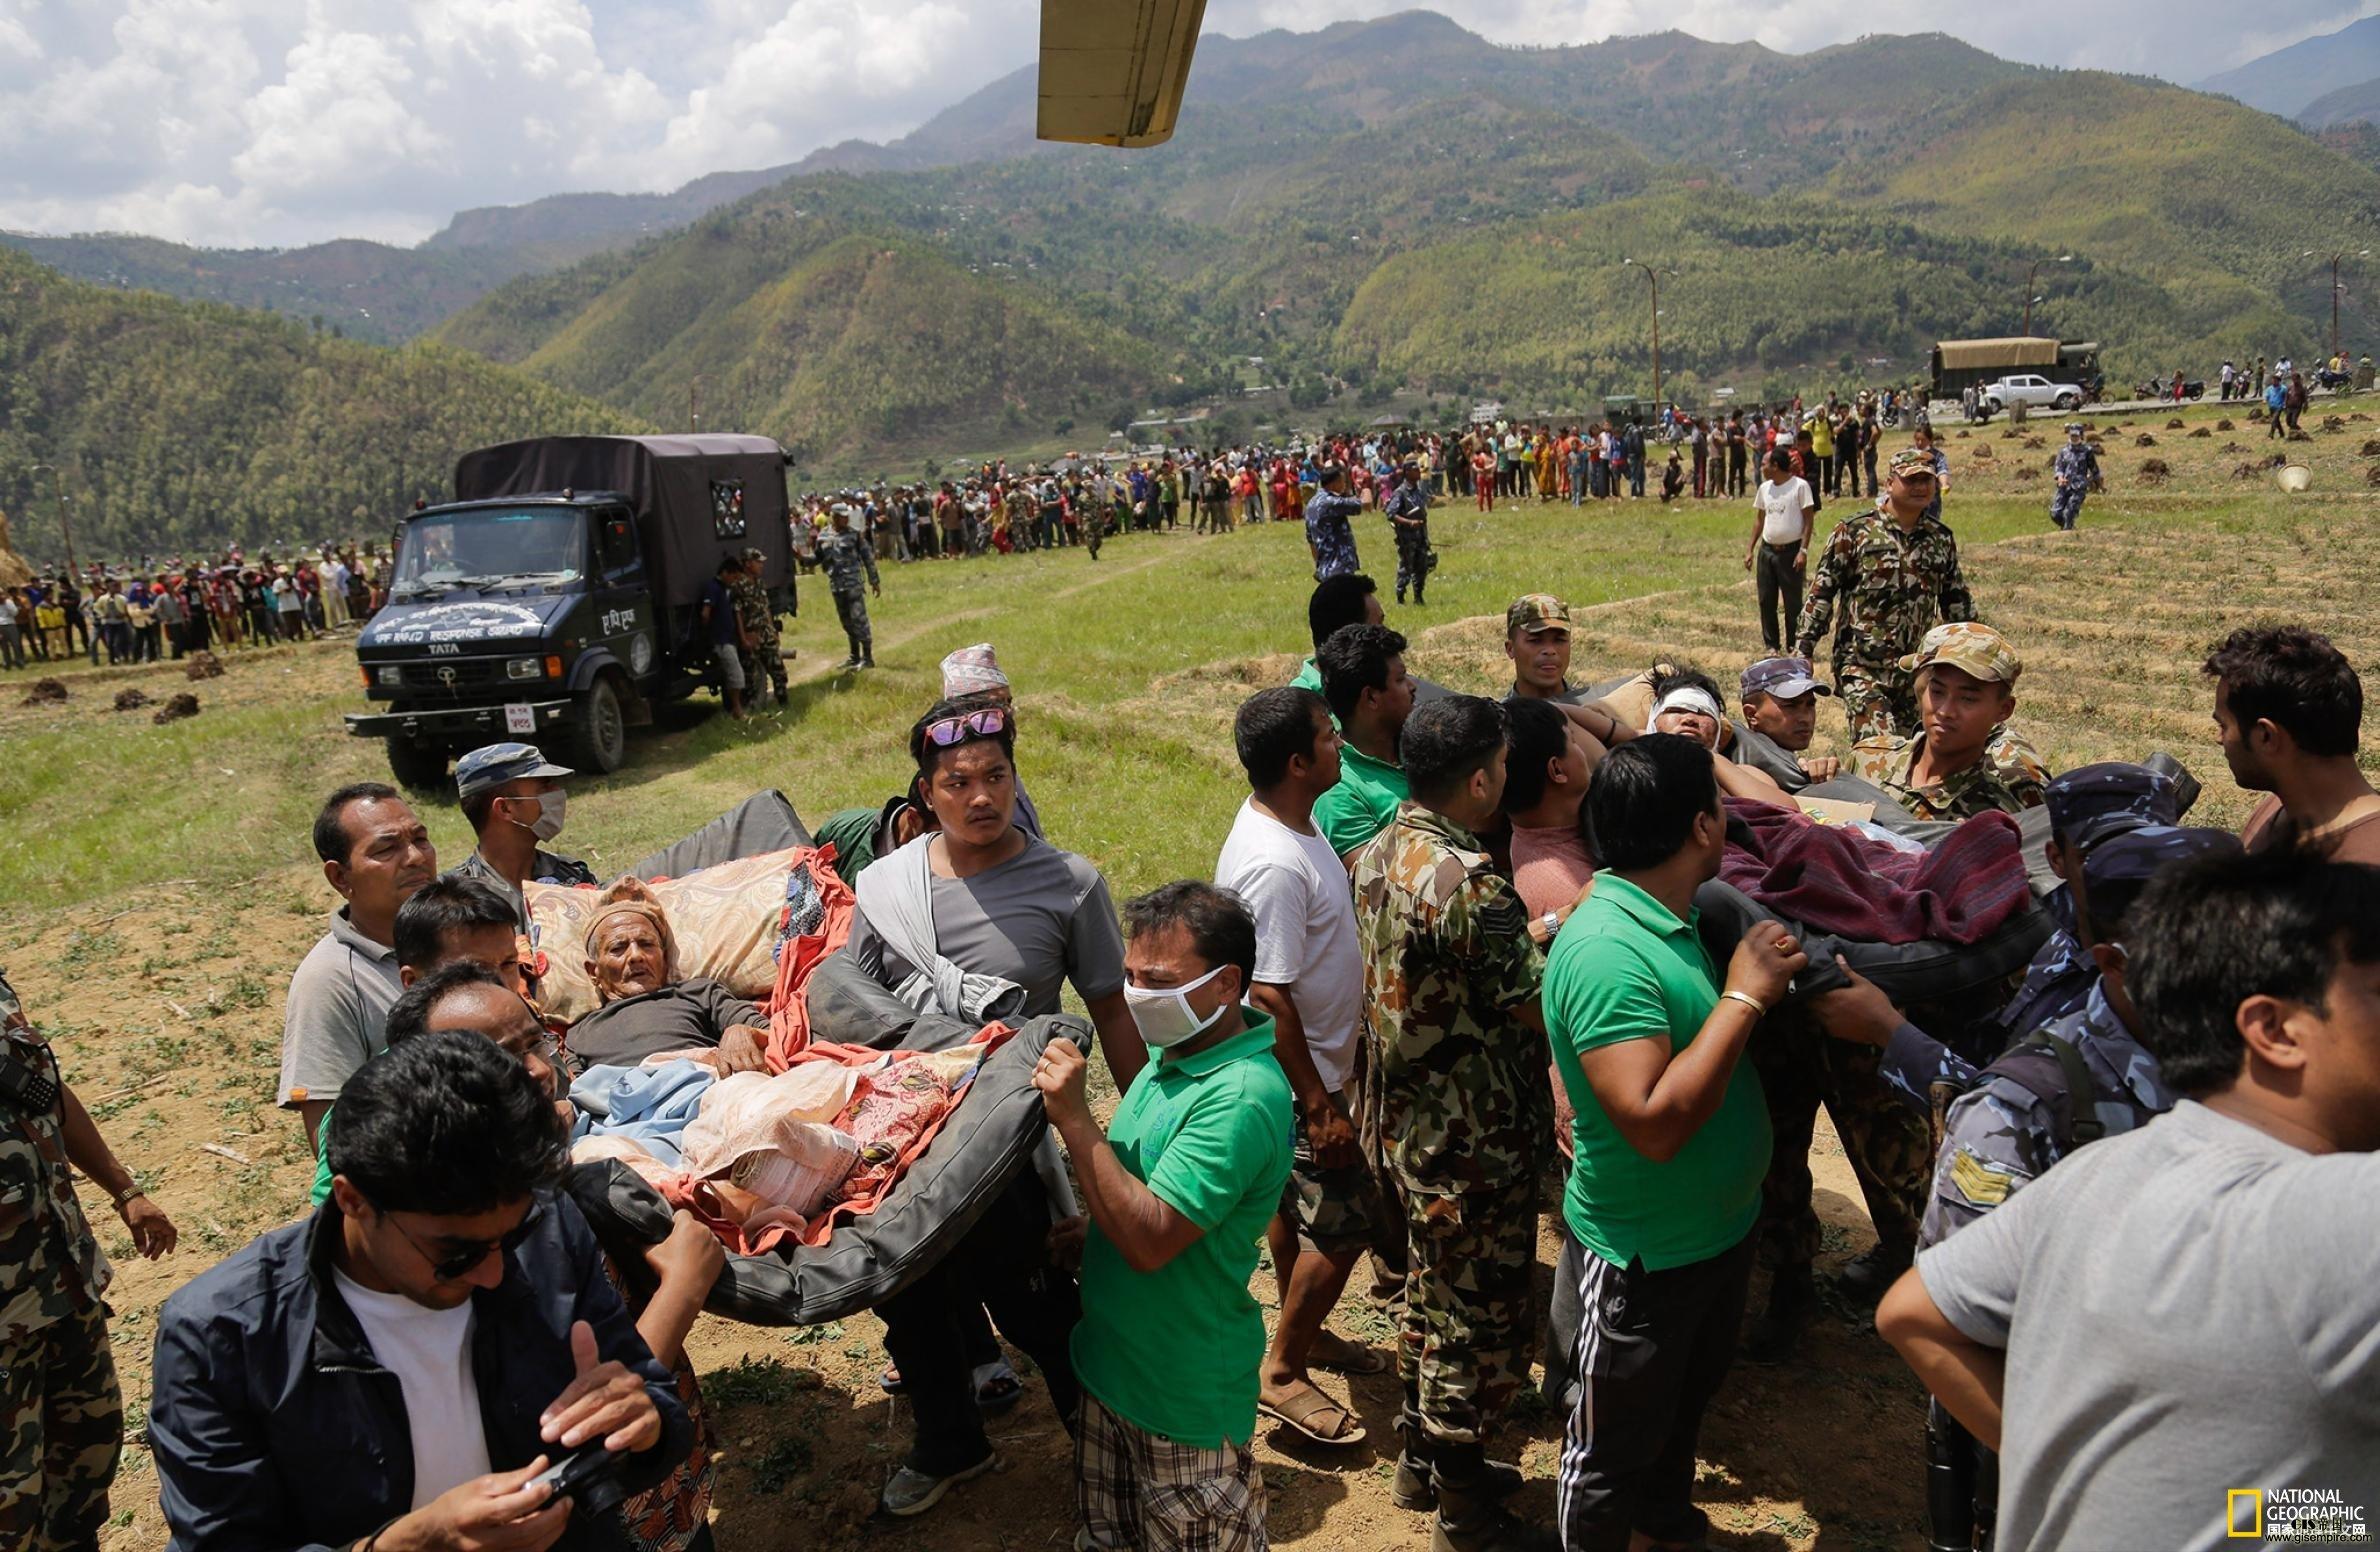 尼泊尔地震灾情新进展:山区村庄灾情严重,无法与外界取得联系